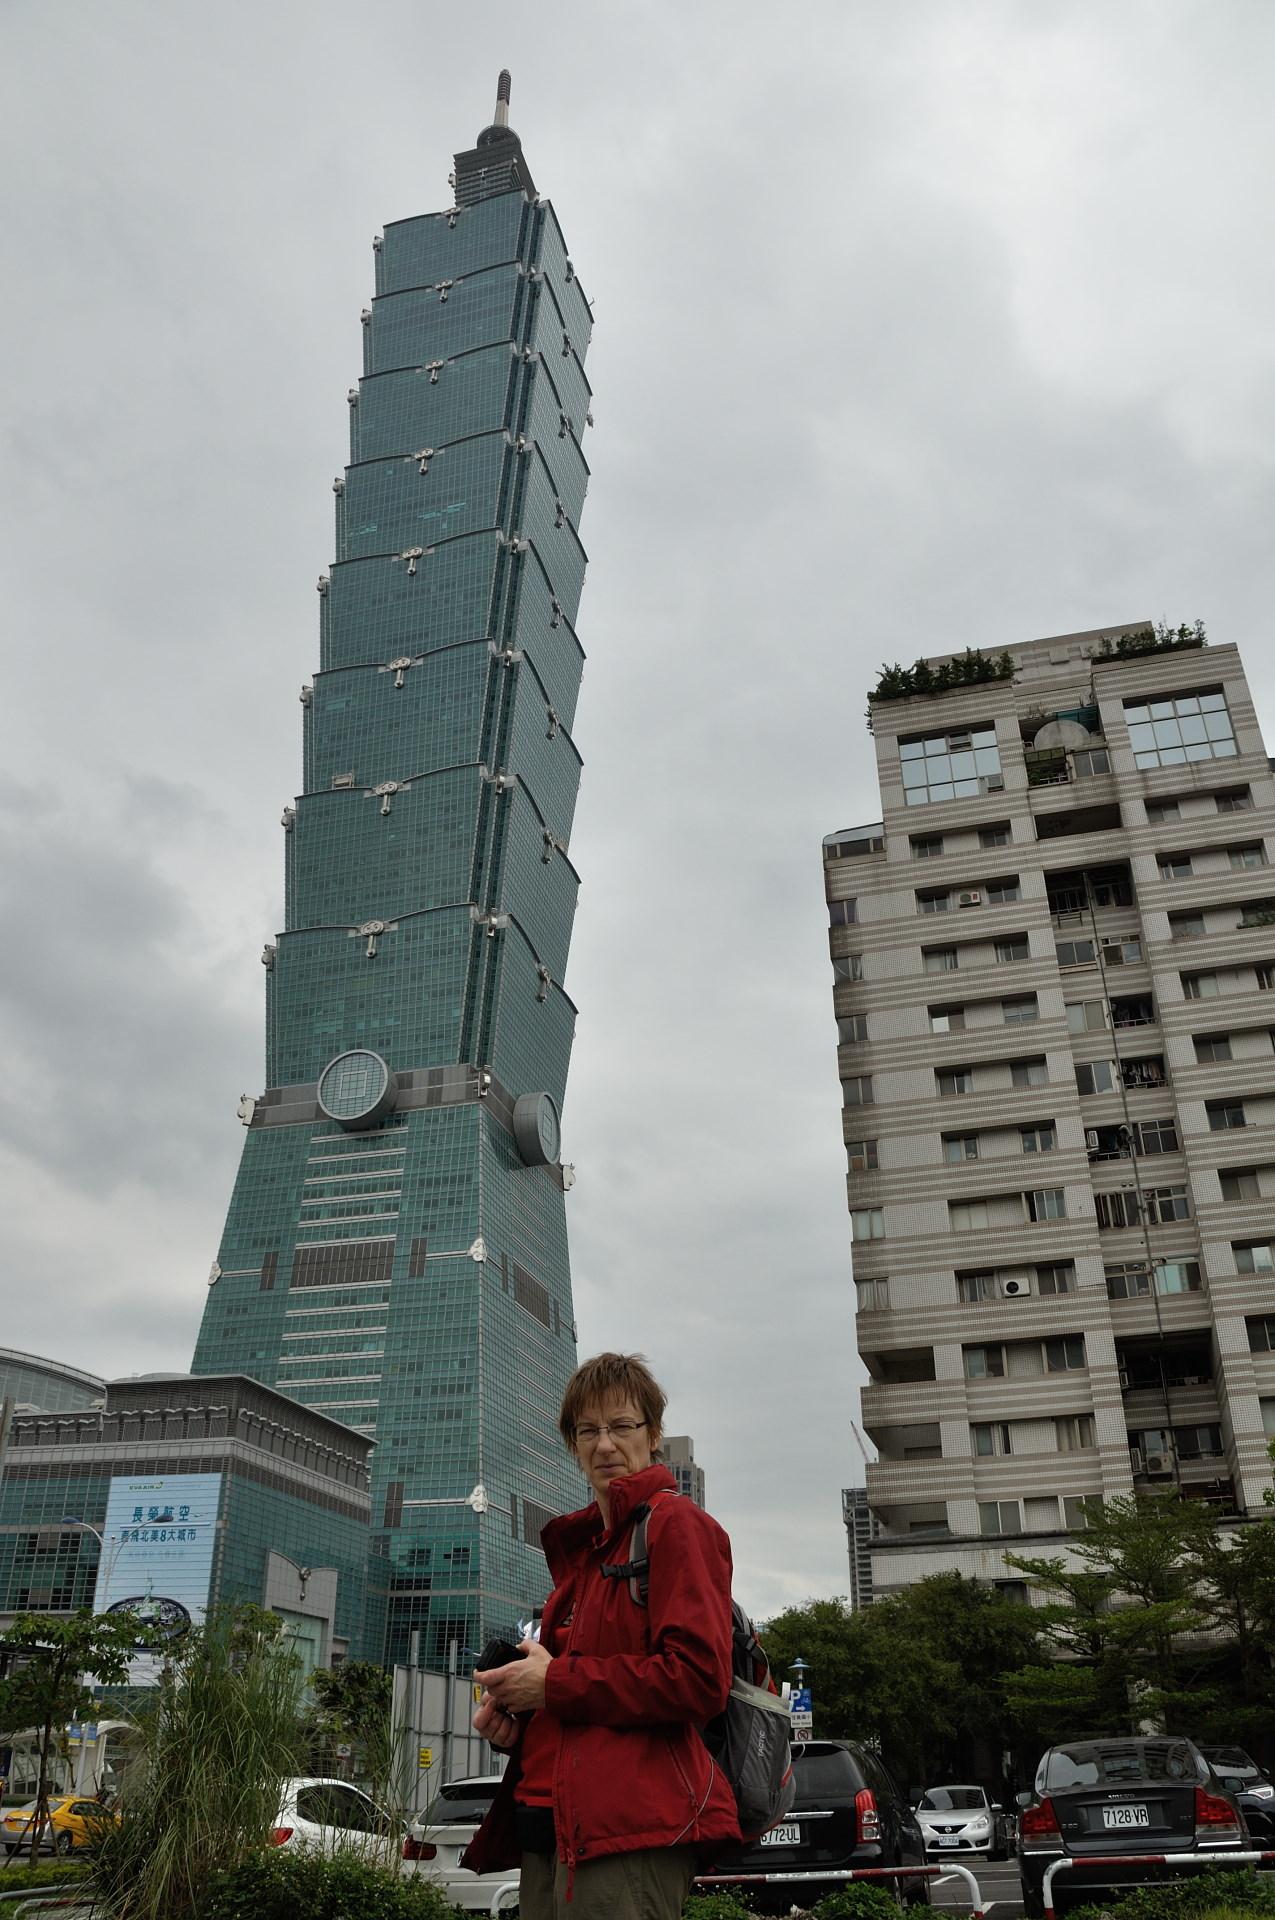 006-TaiwanPalau16-005